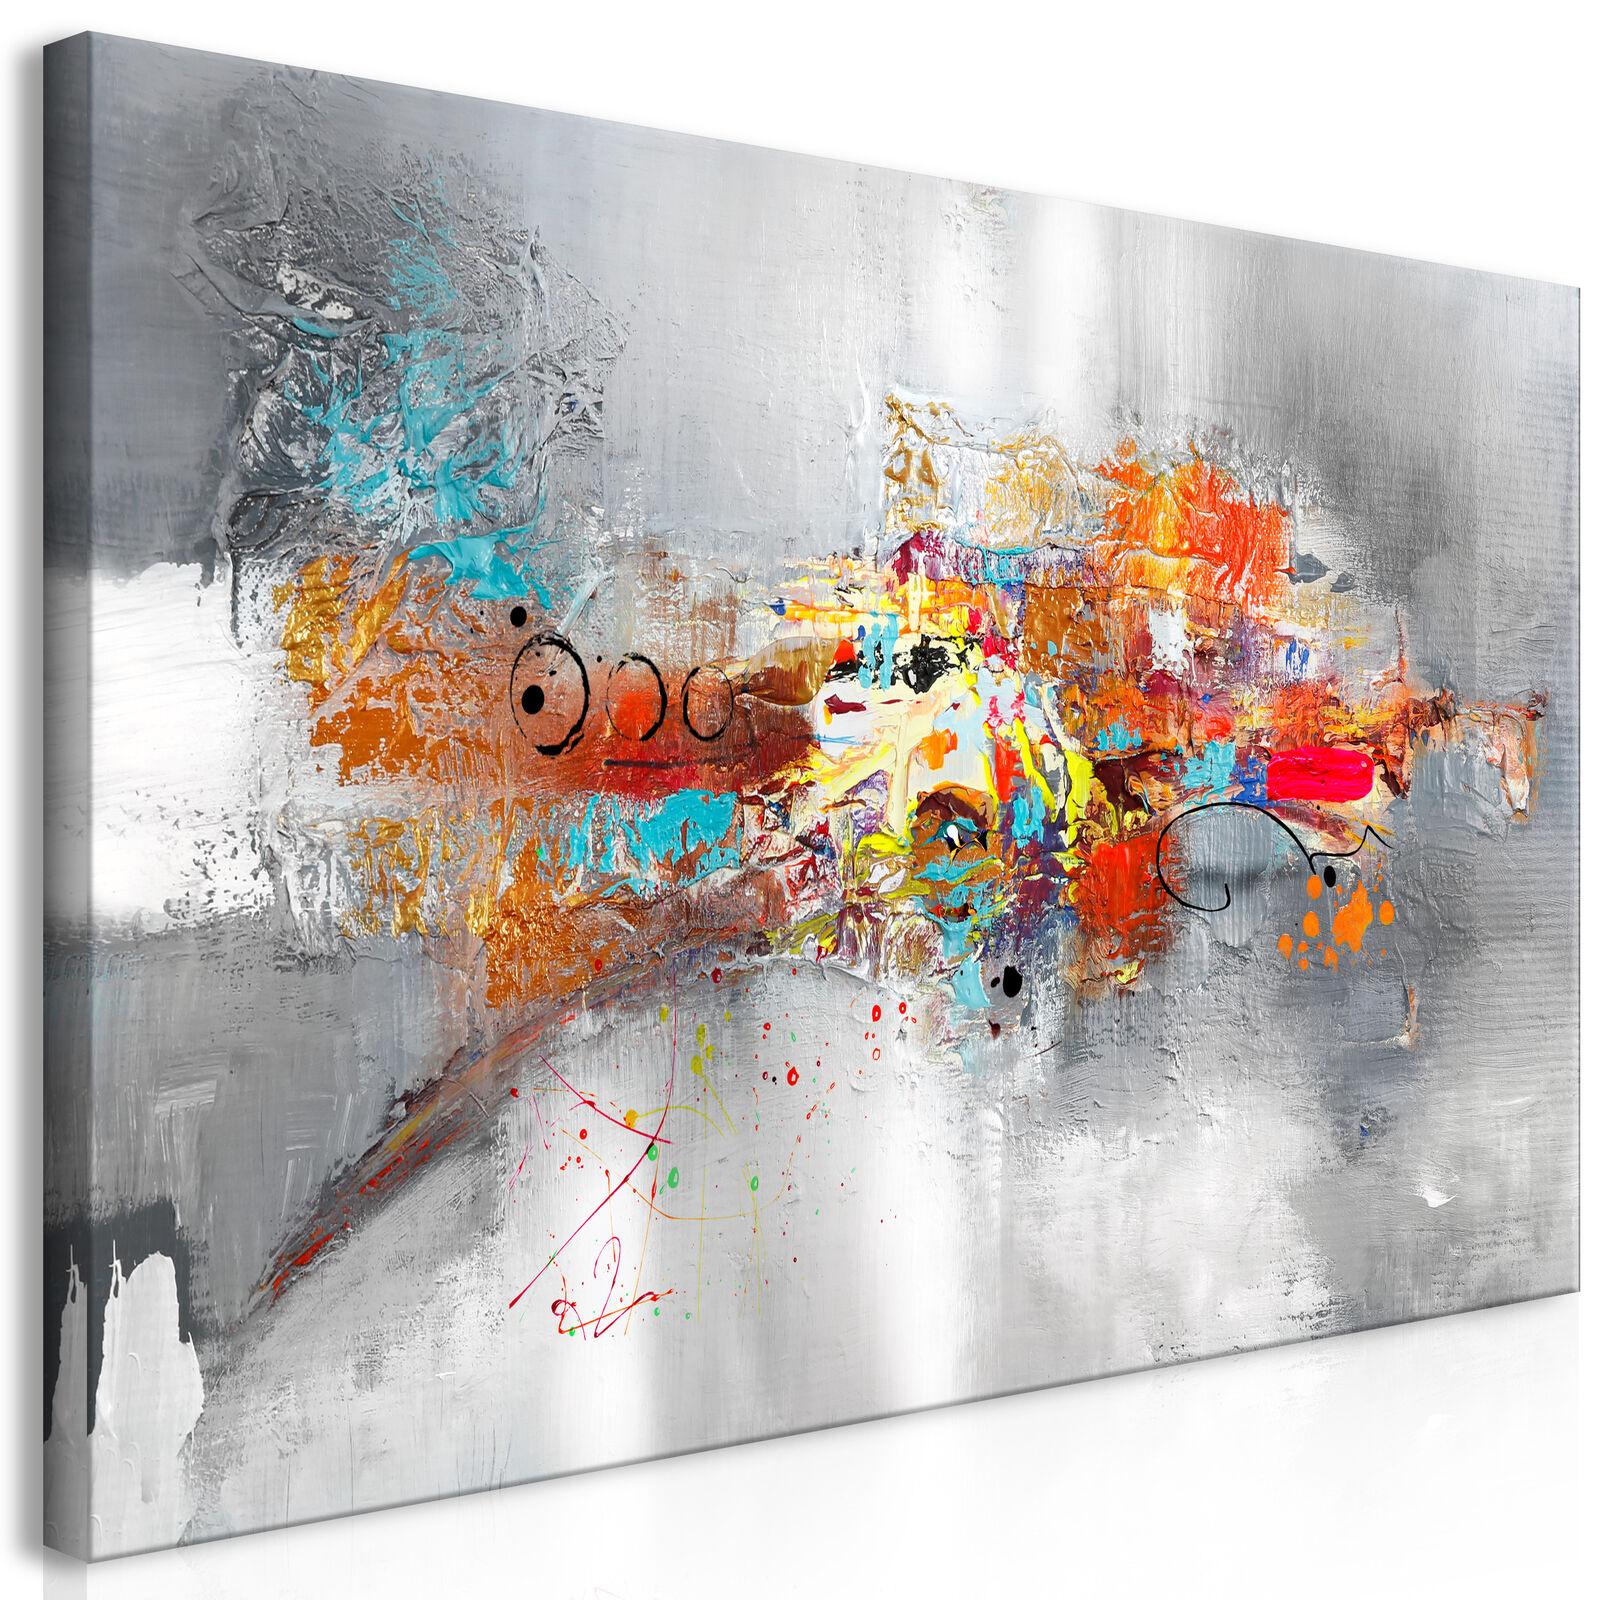 Wandbilder xxl Abstraky Leinwand Bilder grau bunt Wohnzimmer a-A-0415-b-a